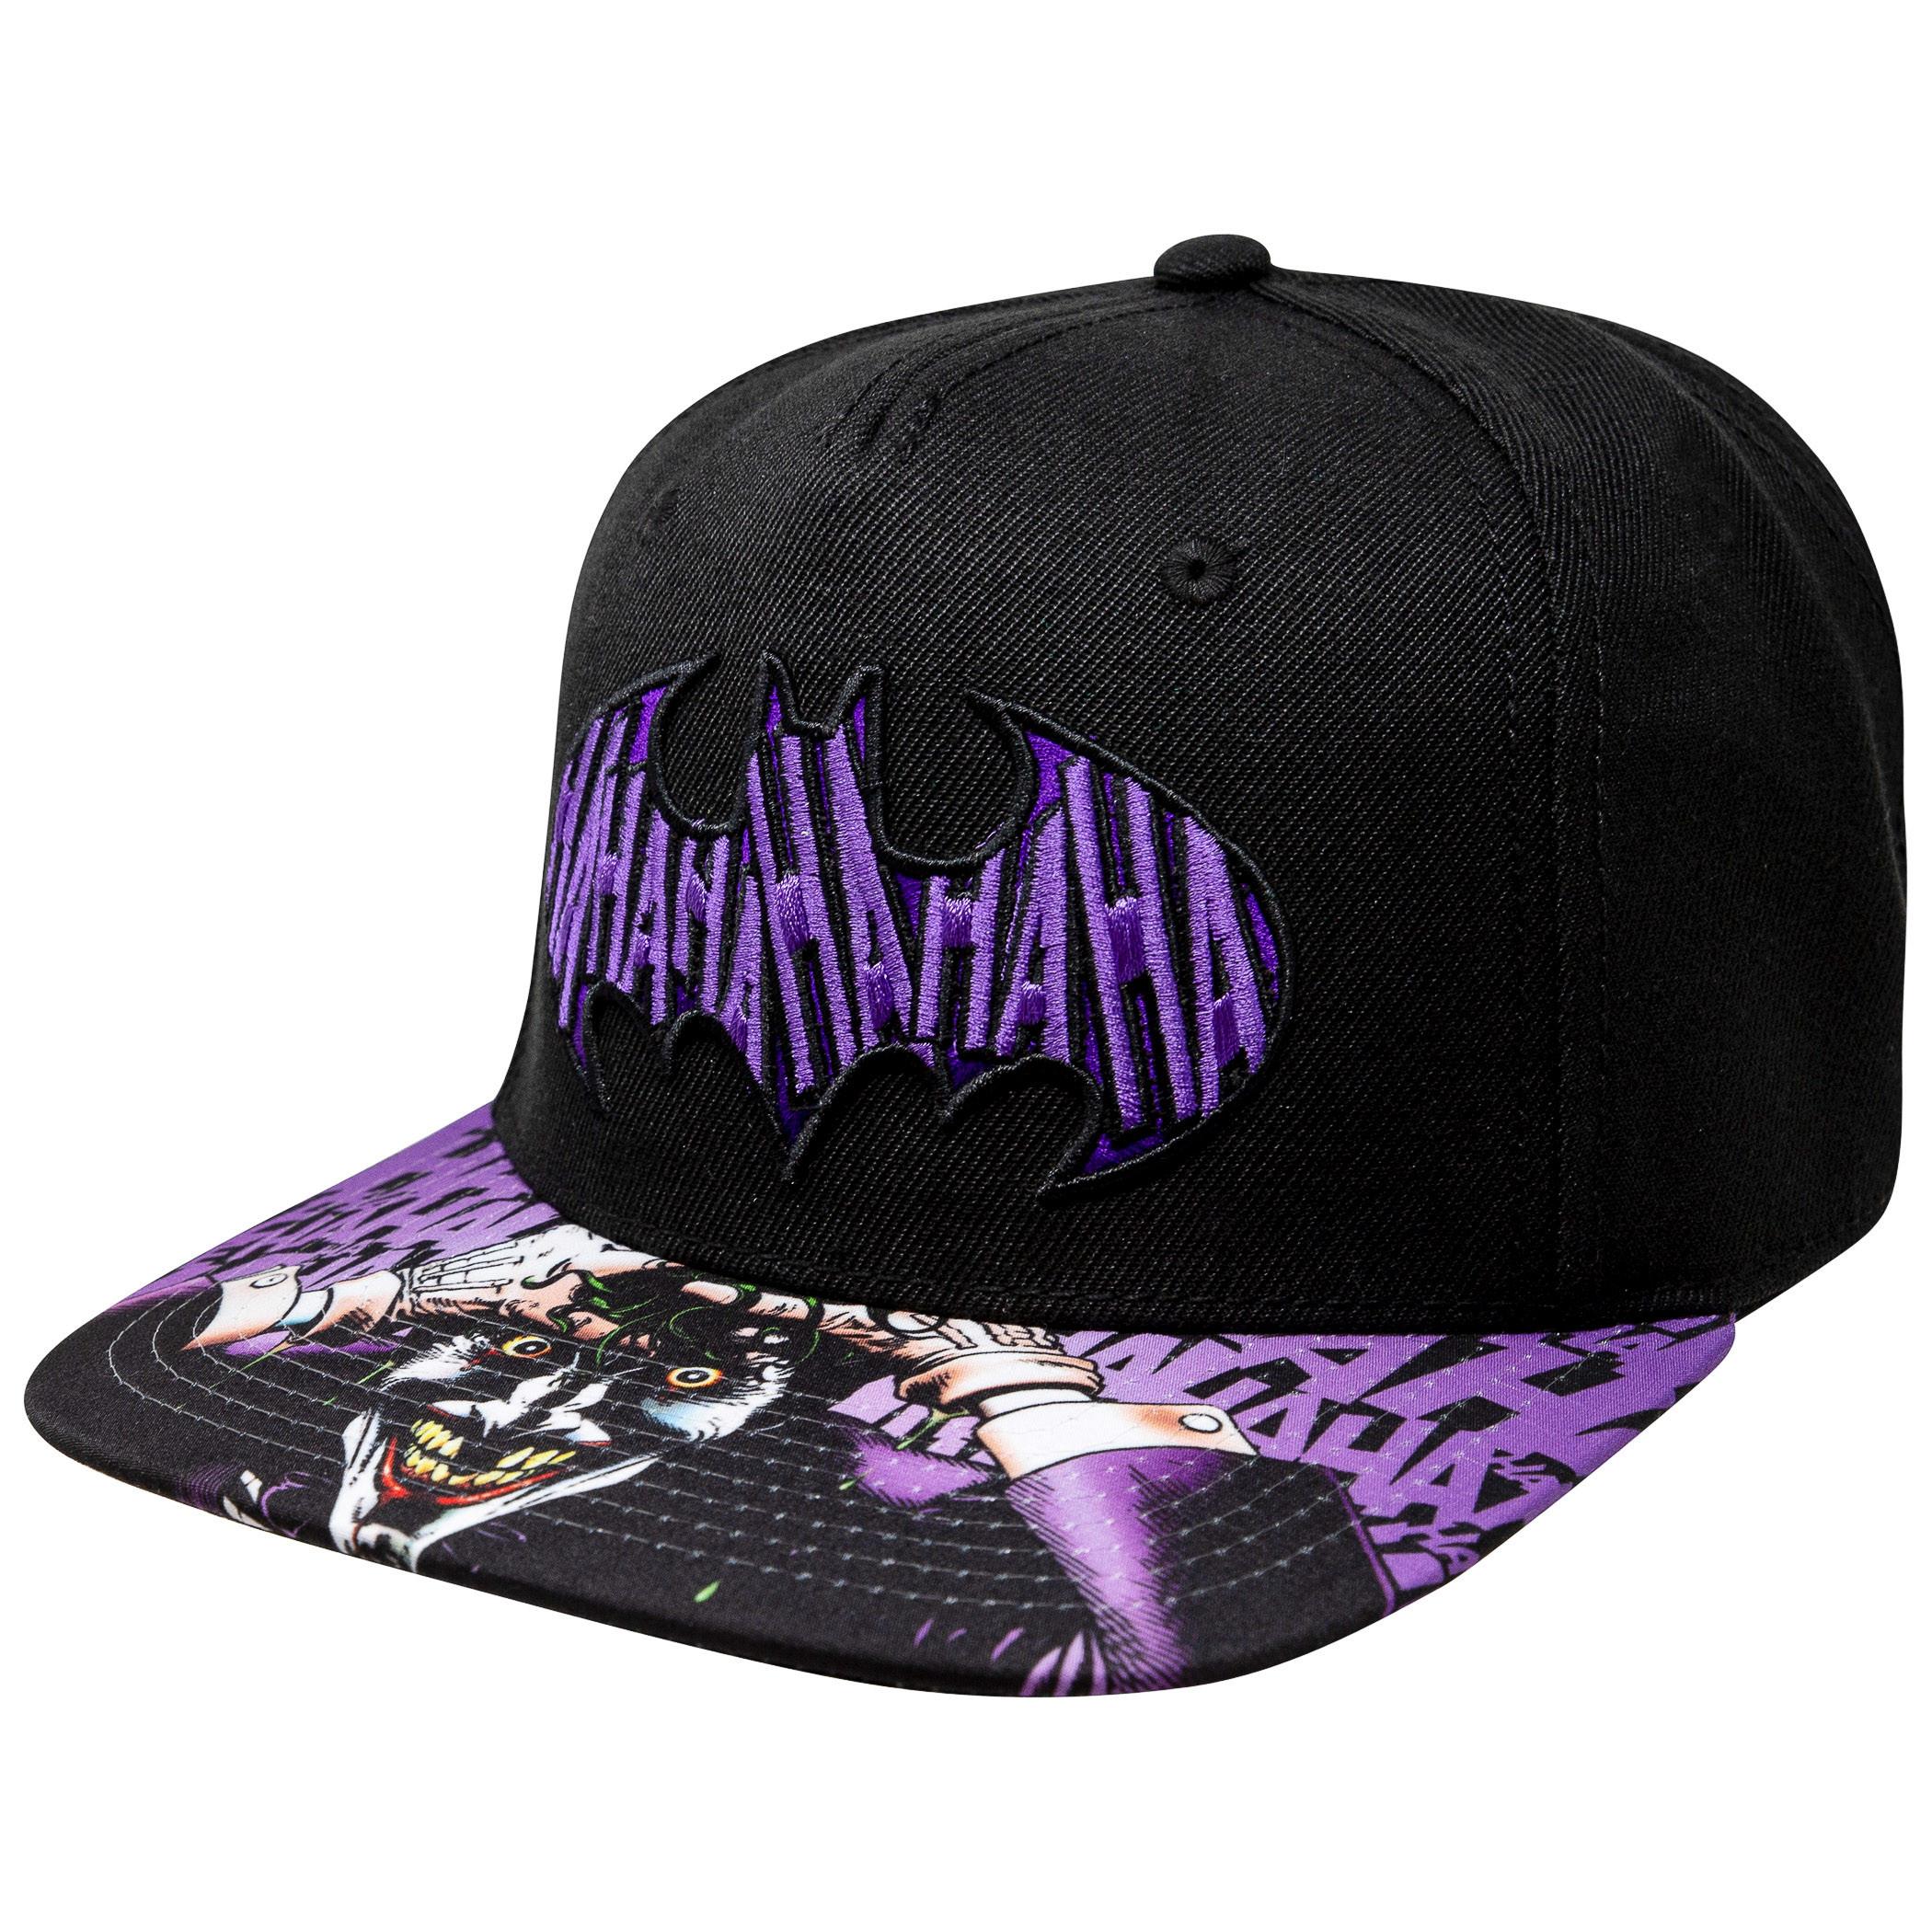 af3d32f46 Batman Joker Sublimated Bill Black Snapback Hat